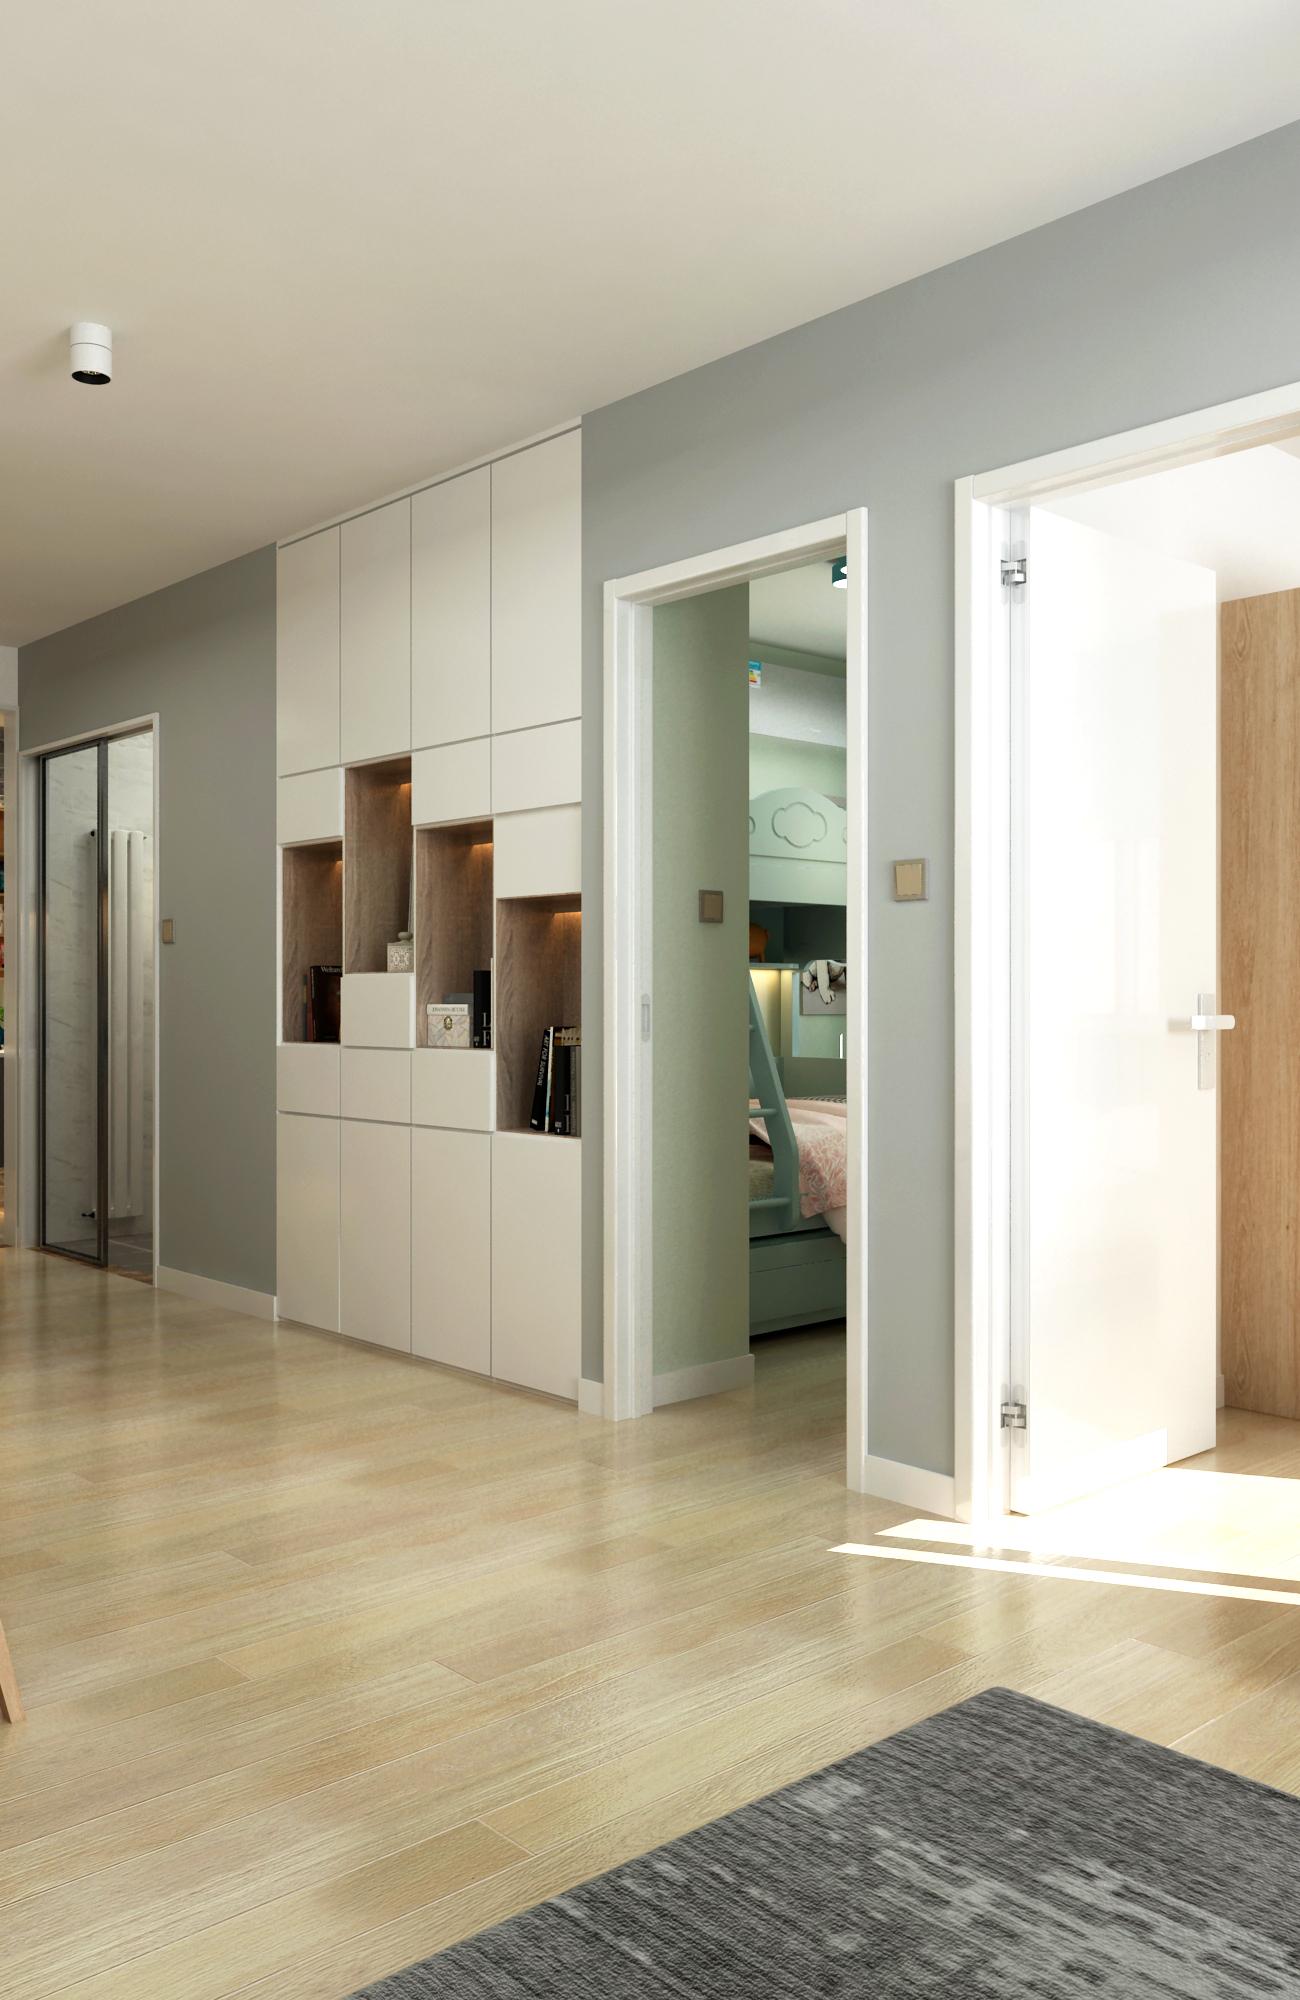 65平米两居室装修收纳展示柜设计